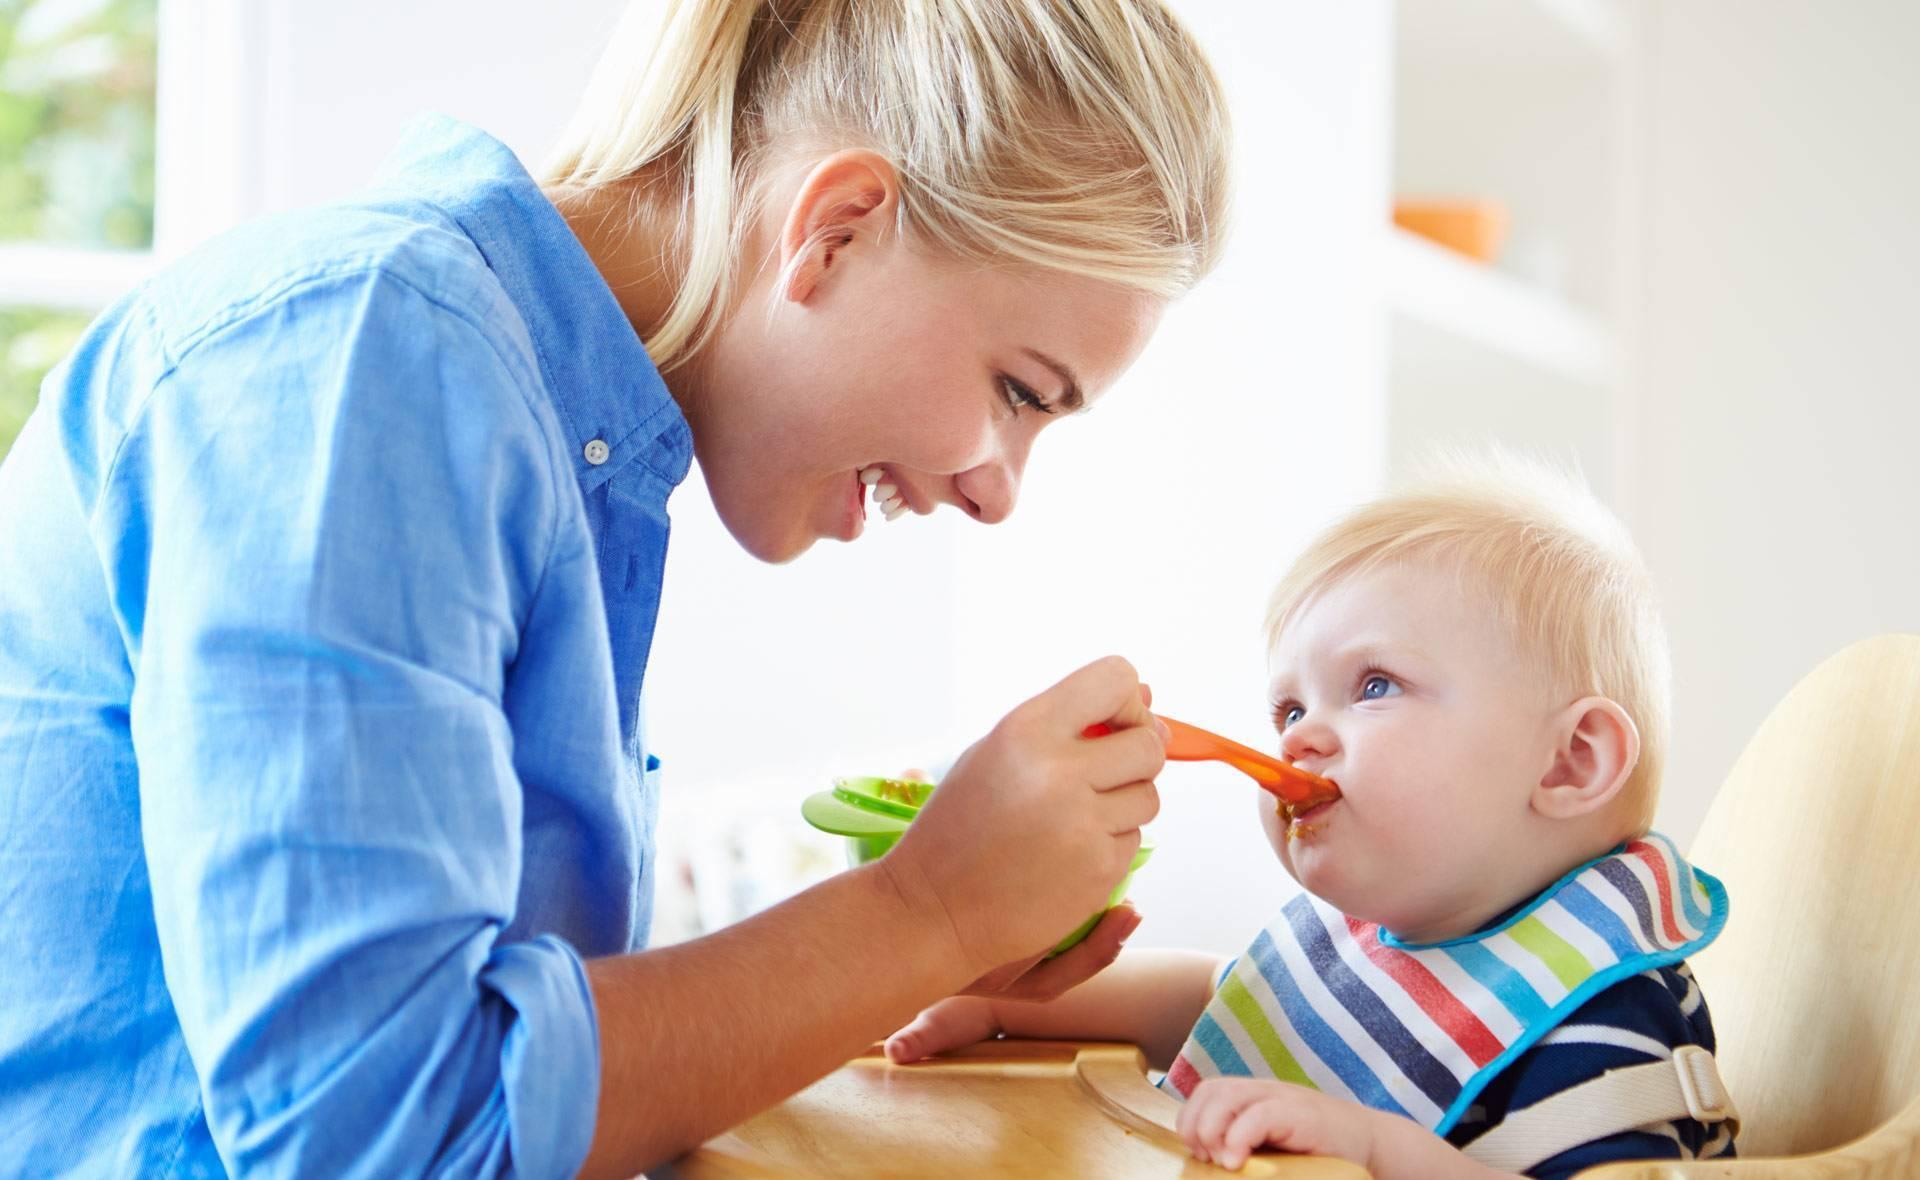 Ребенку 11 месяцев: развитие, питание, вес и рост, уход за малышом | календарь развития | vpolozhenii.com